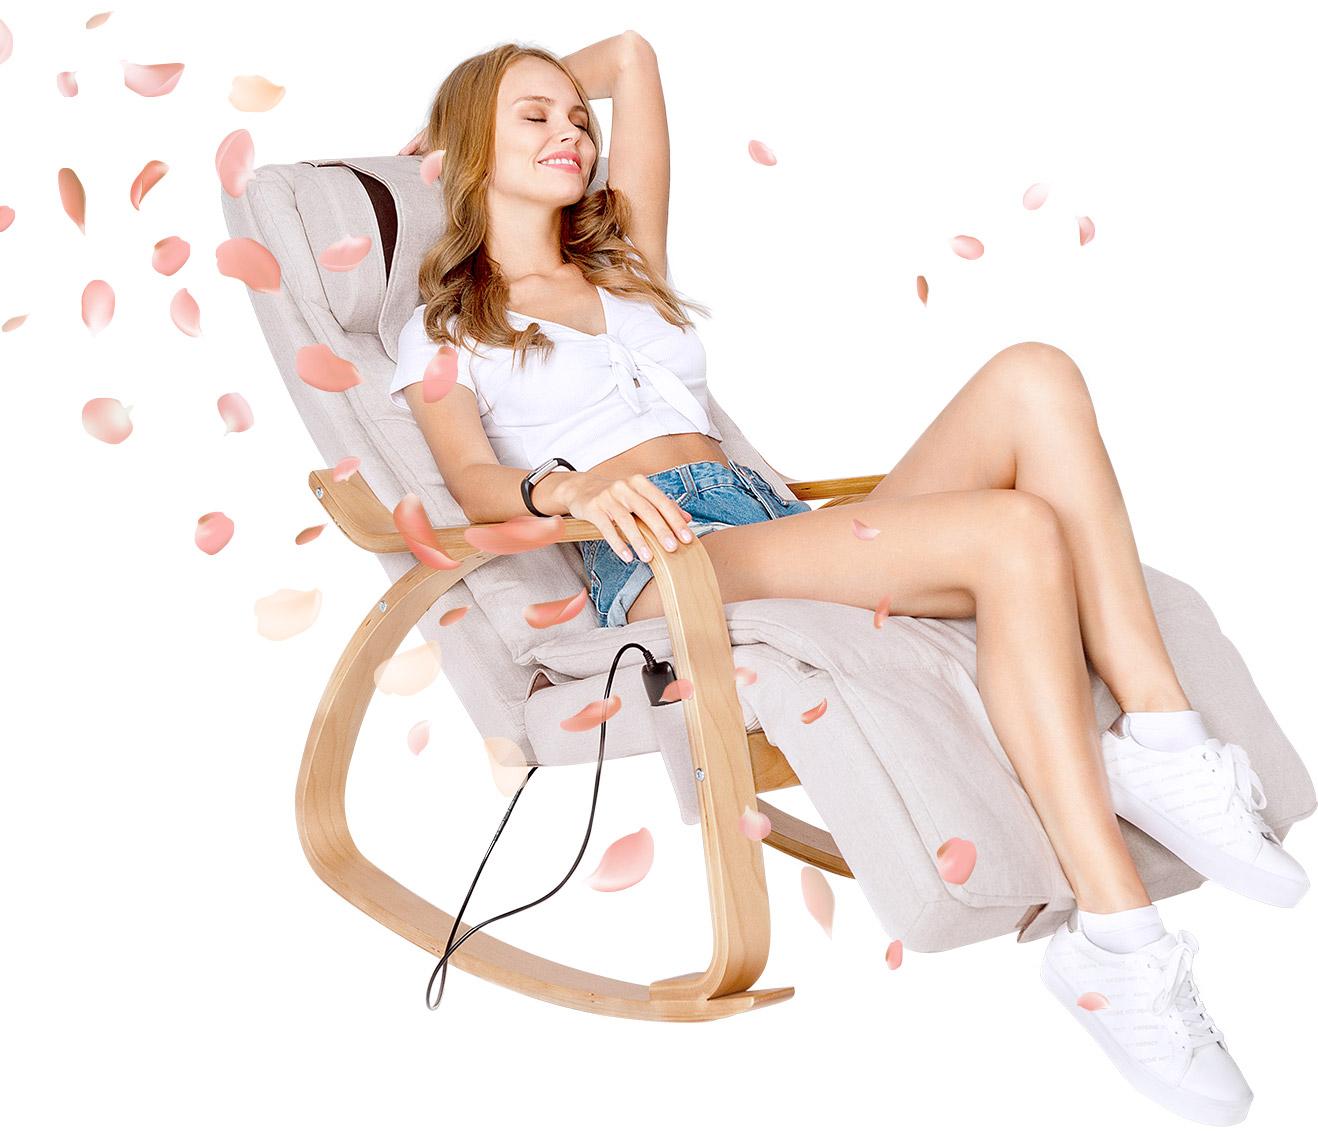 Кресло качалка массажер ямагучи нижнее женское белье indefini